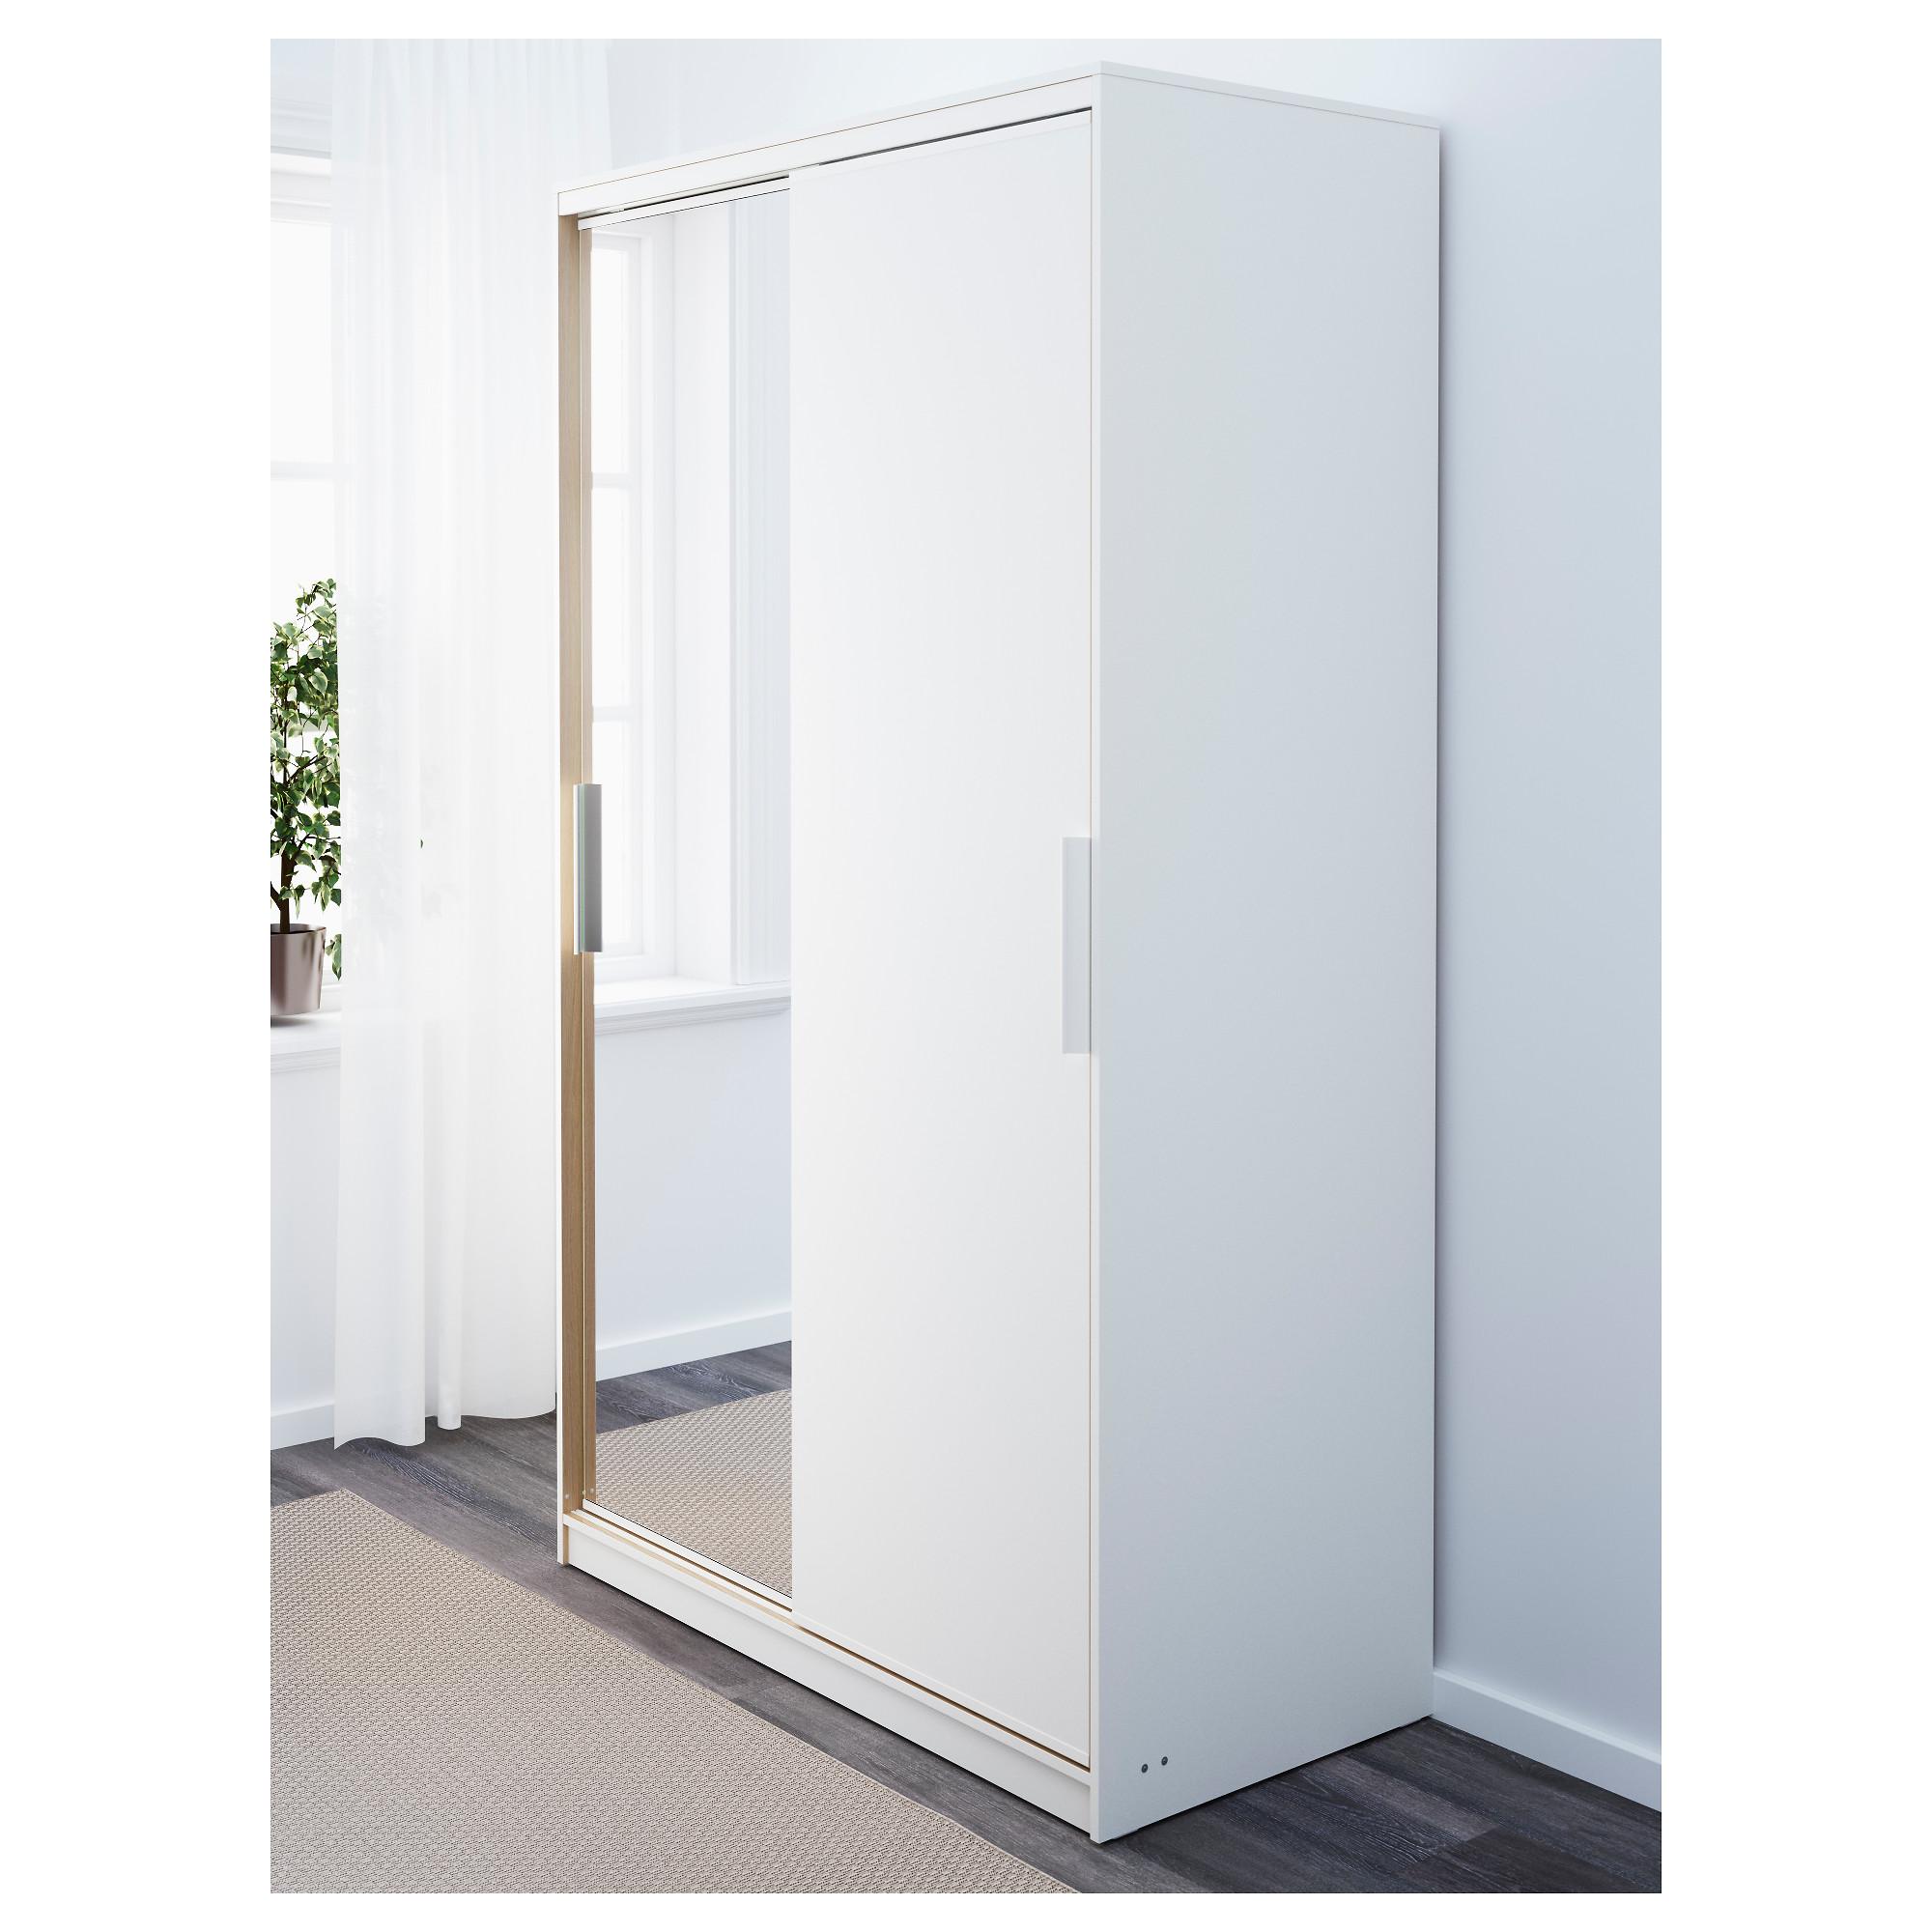 Ikea armario morvik